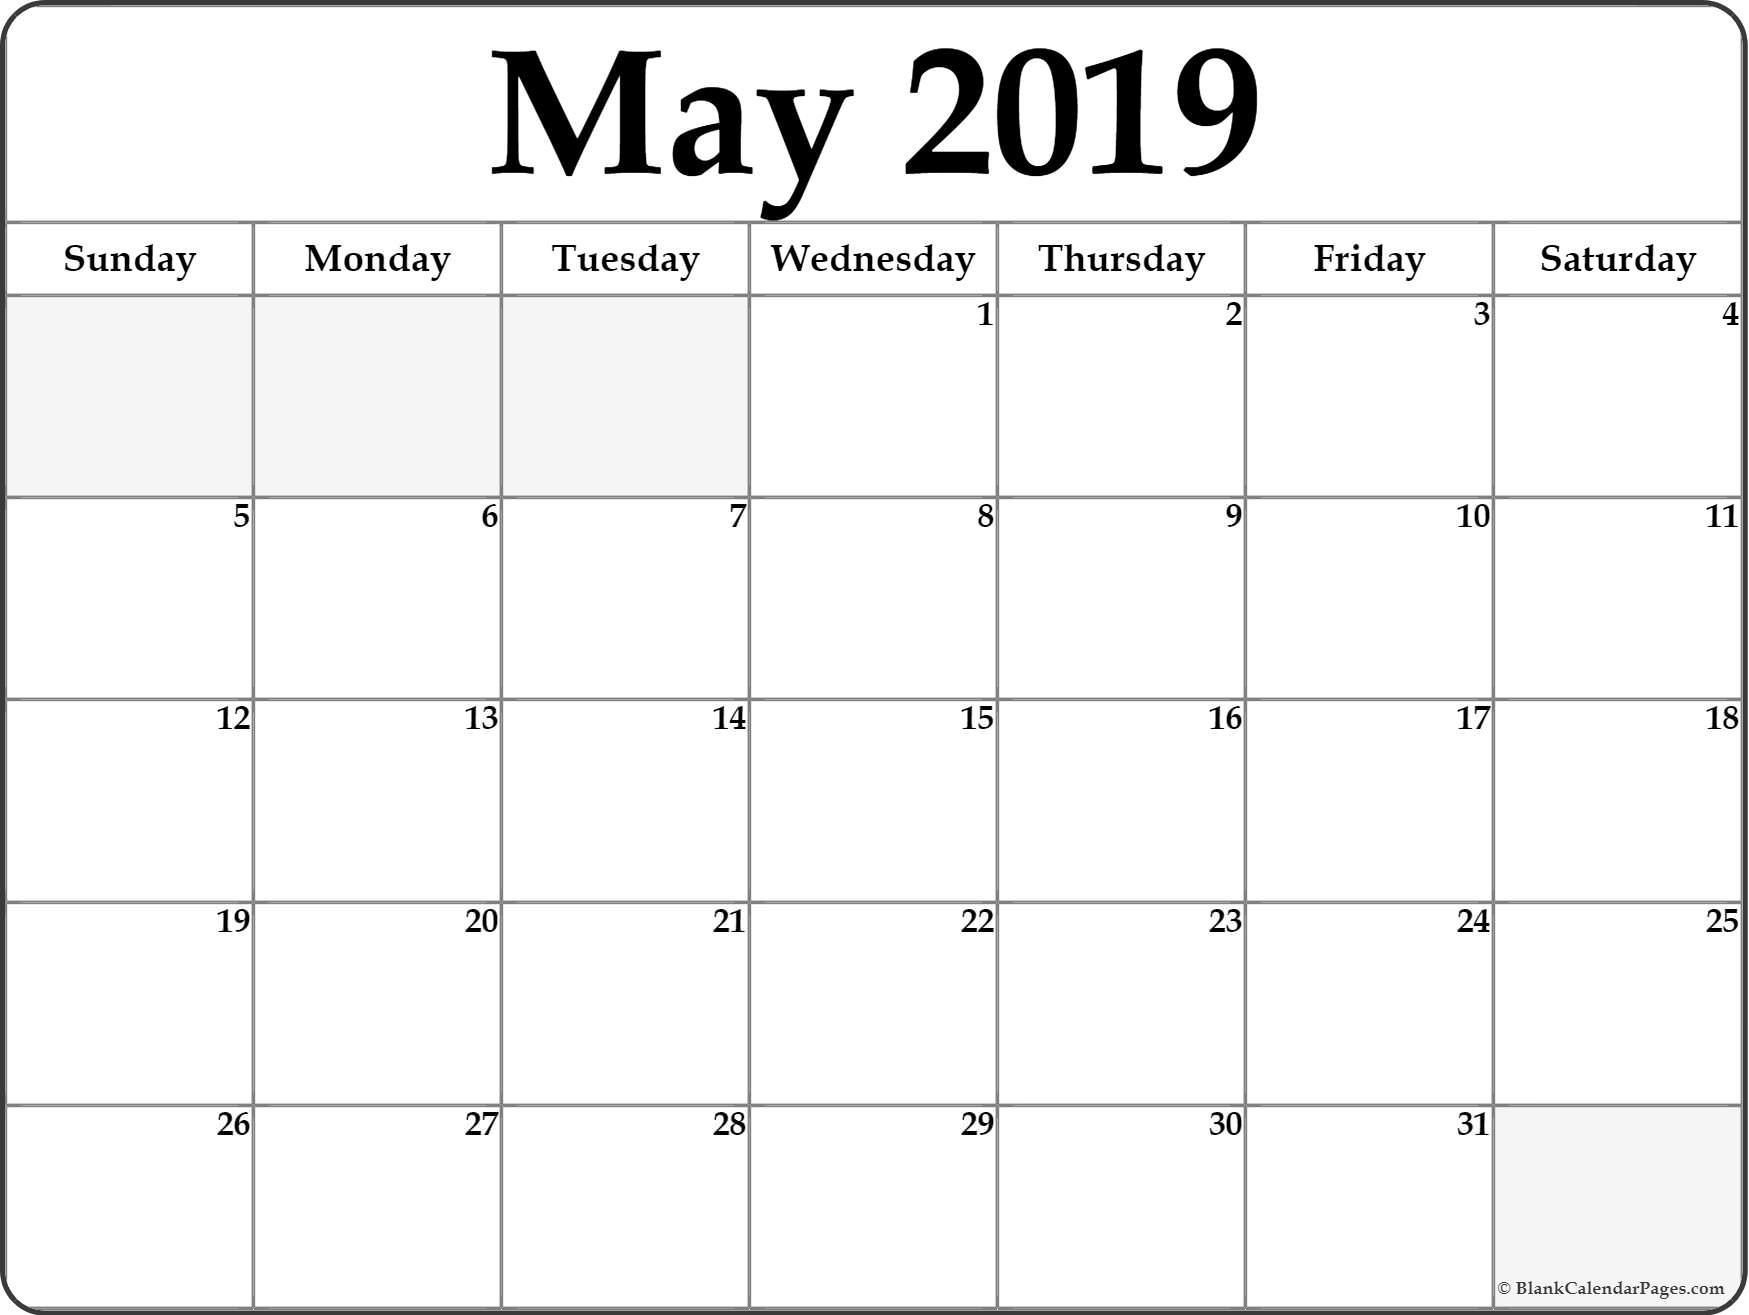 May 2019 Weekly Calendar Printable – Make A Week Wise Schedule For Weekly Calendar 2019 Xls